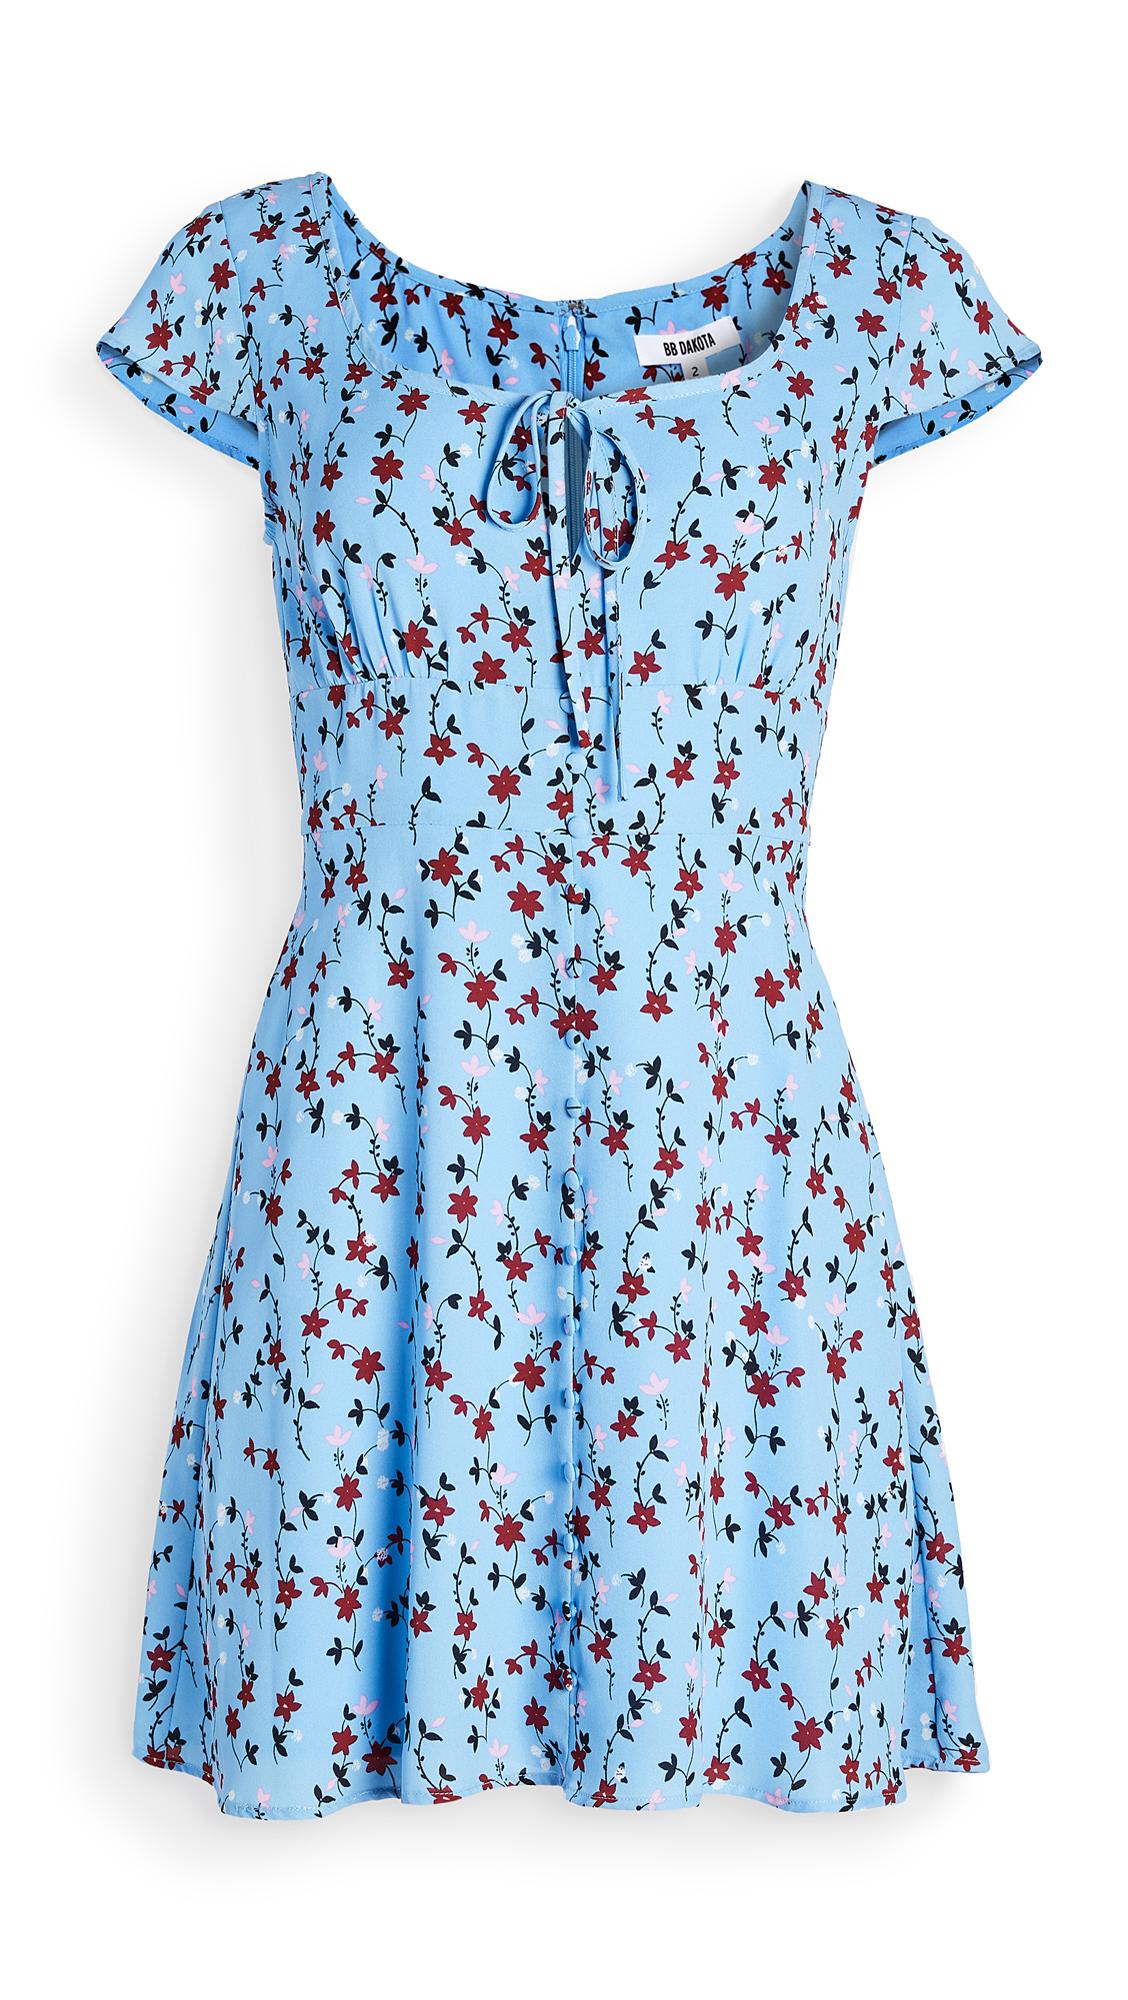 BB Dakota La Femme Dress